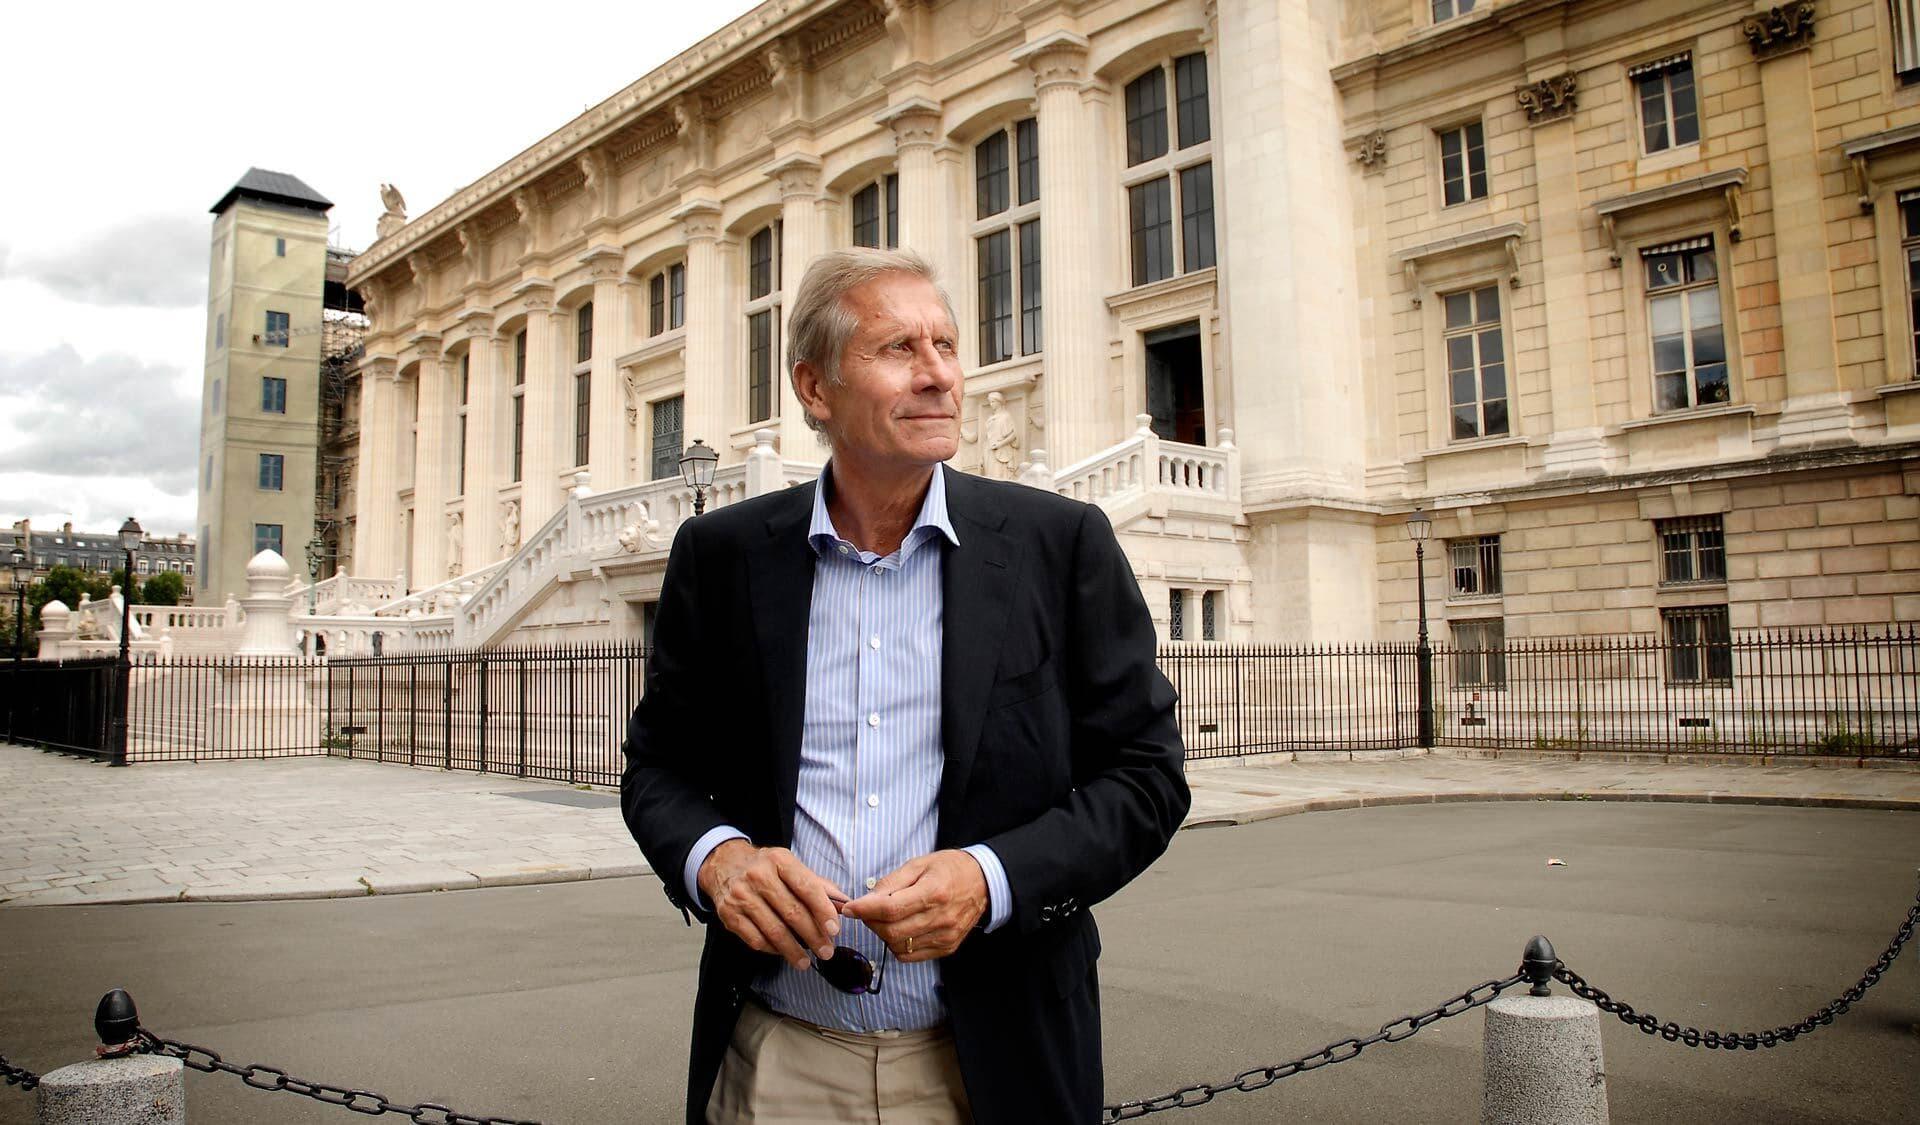 Ulrich Wickert steht vor einem Gebäude